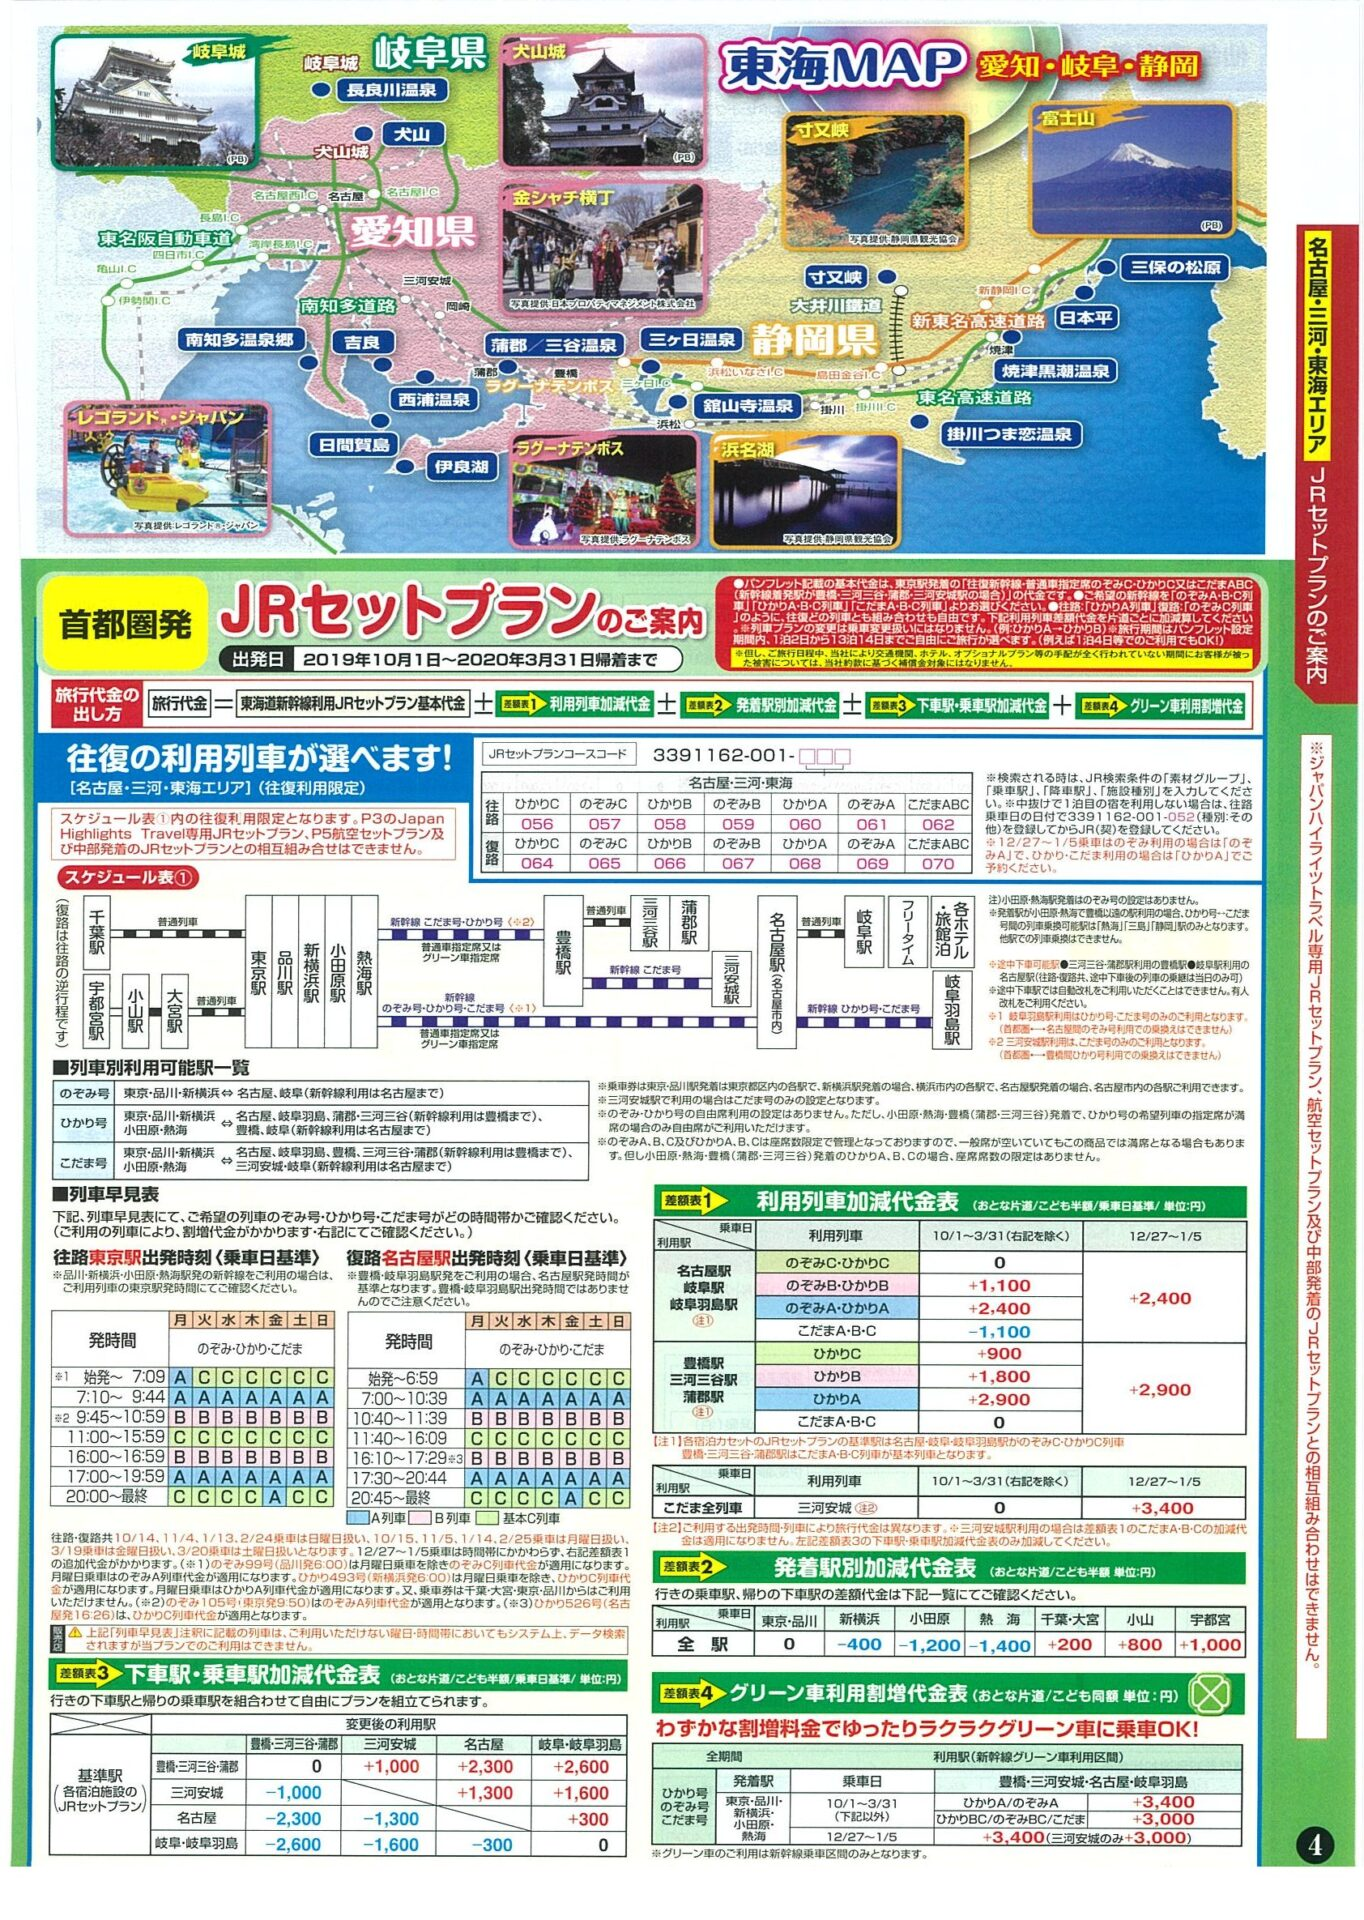 【旅コレクション】東海・名古屋・浜名湖へ行こう